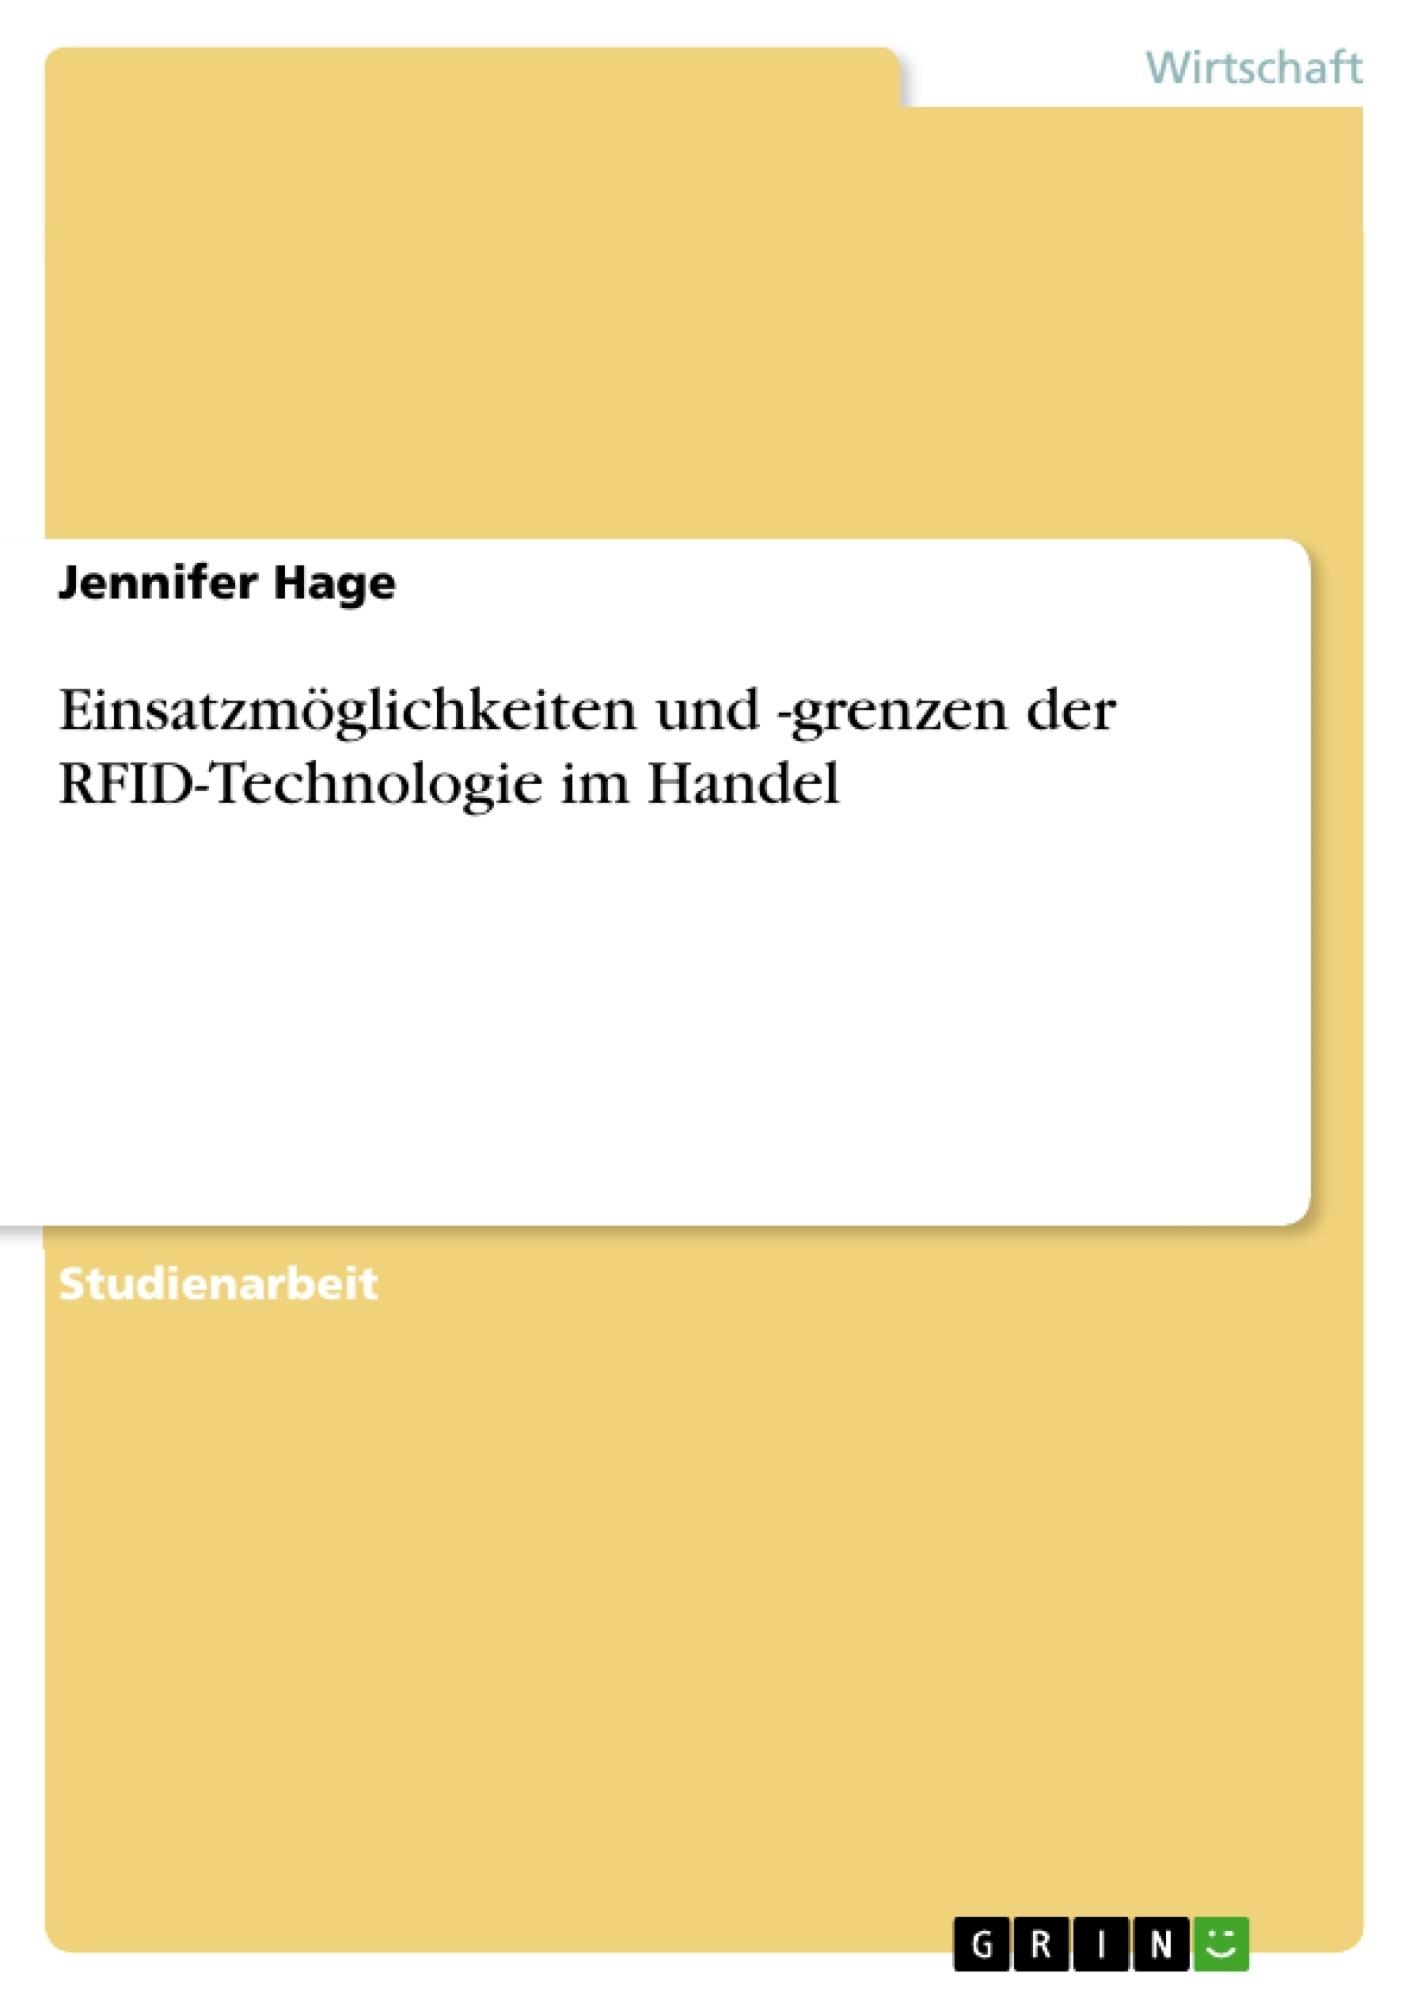 Titel: Einsatzmöglichkeiten und -grenzen der RFID-Technologie im Handel